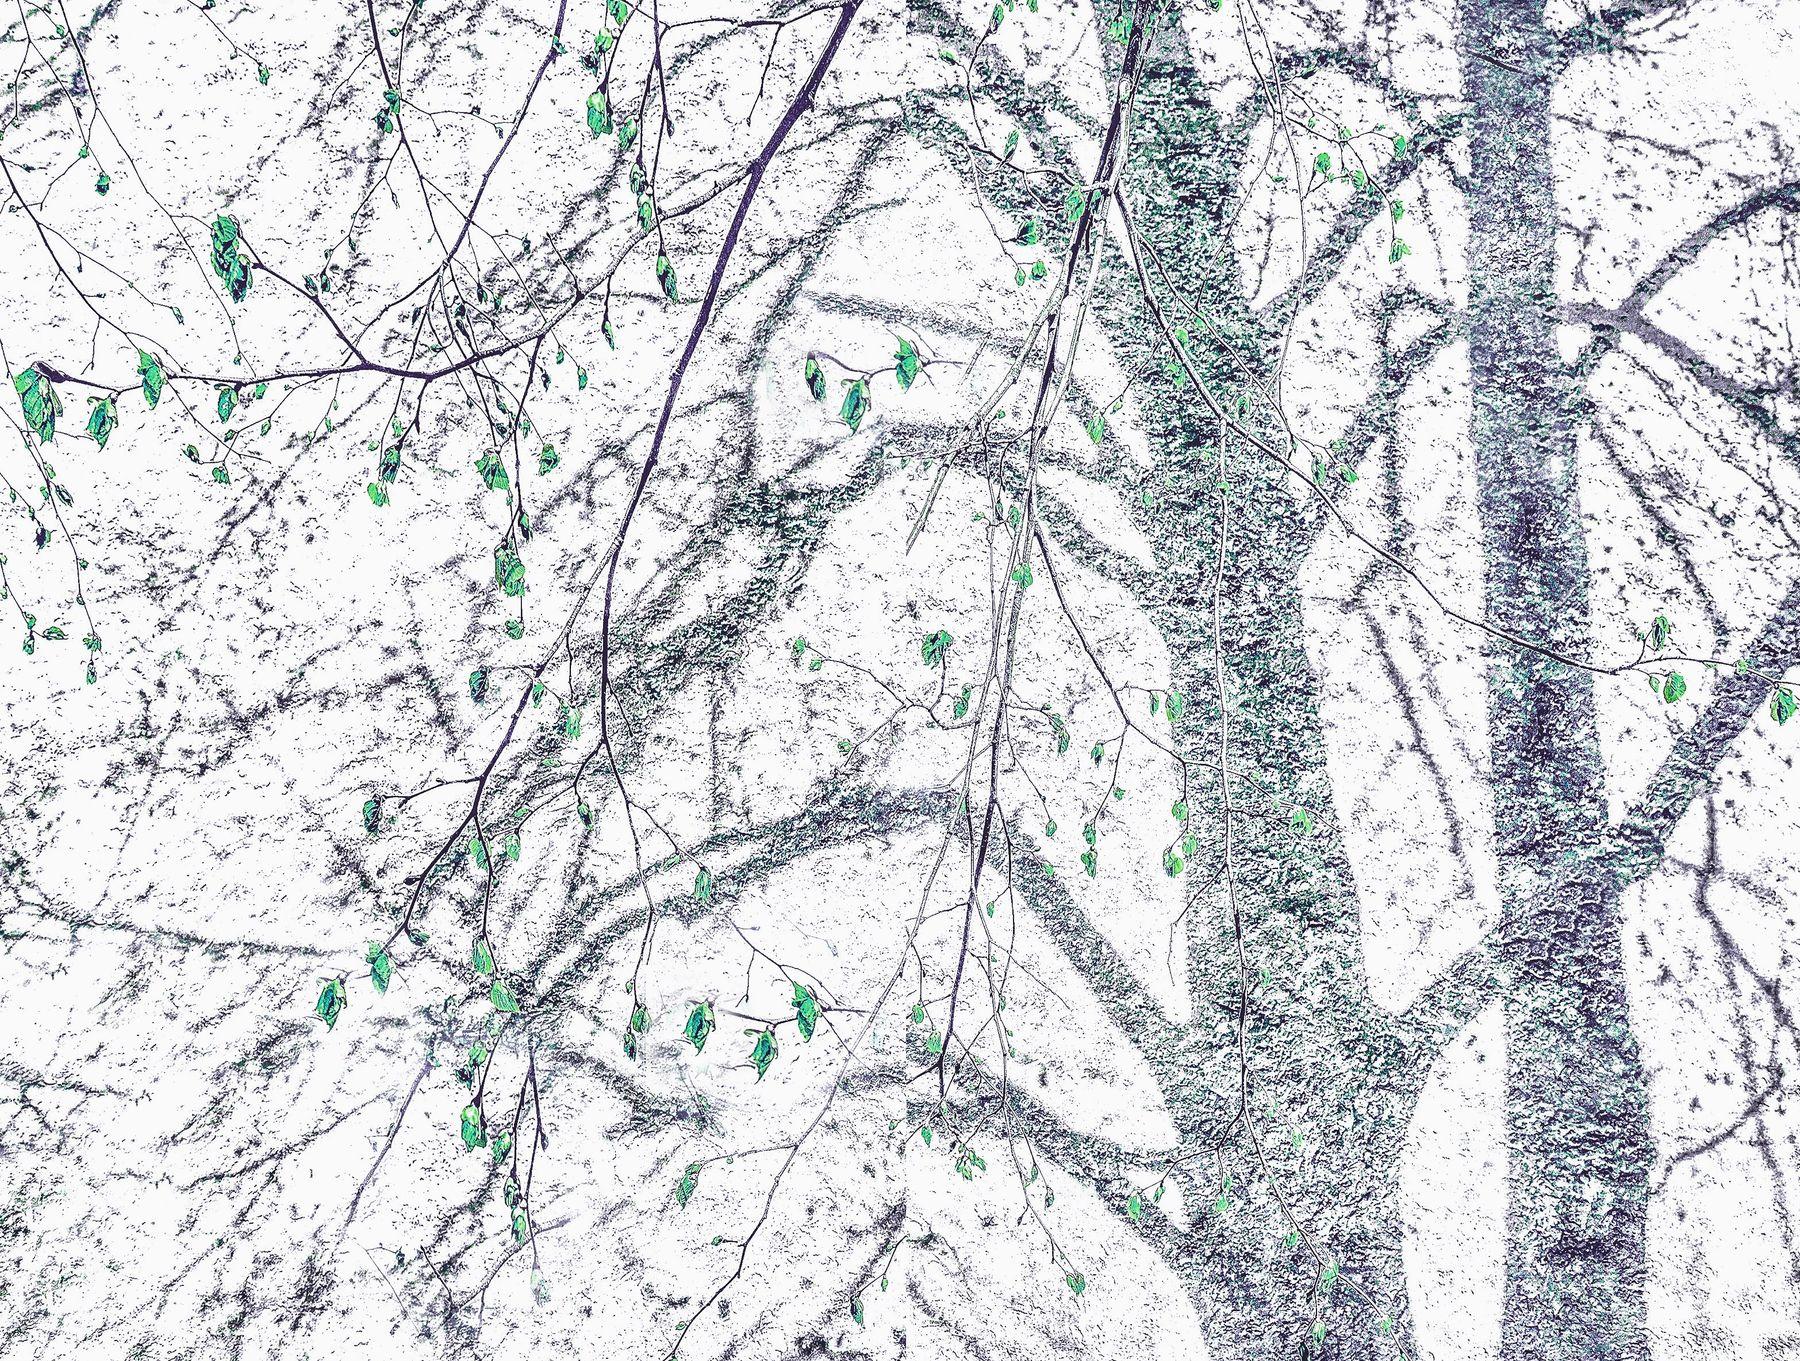 ***Игра свет тень реальность воображение дерево ветки листья весна